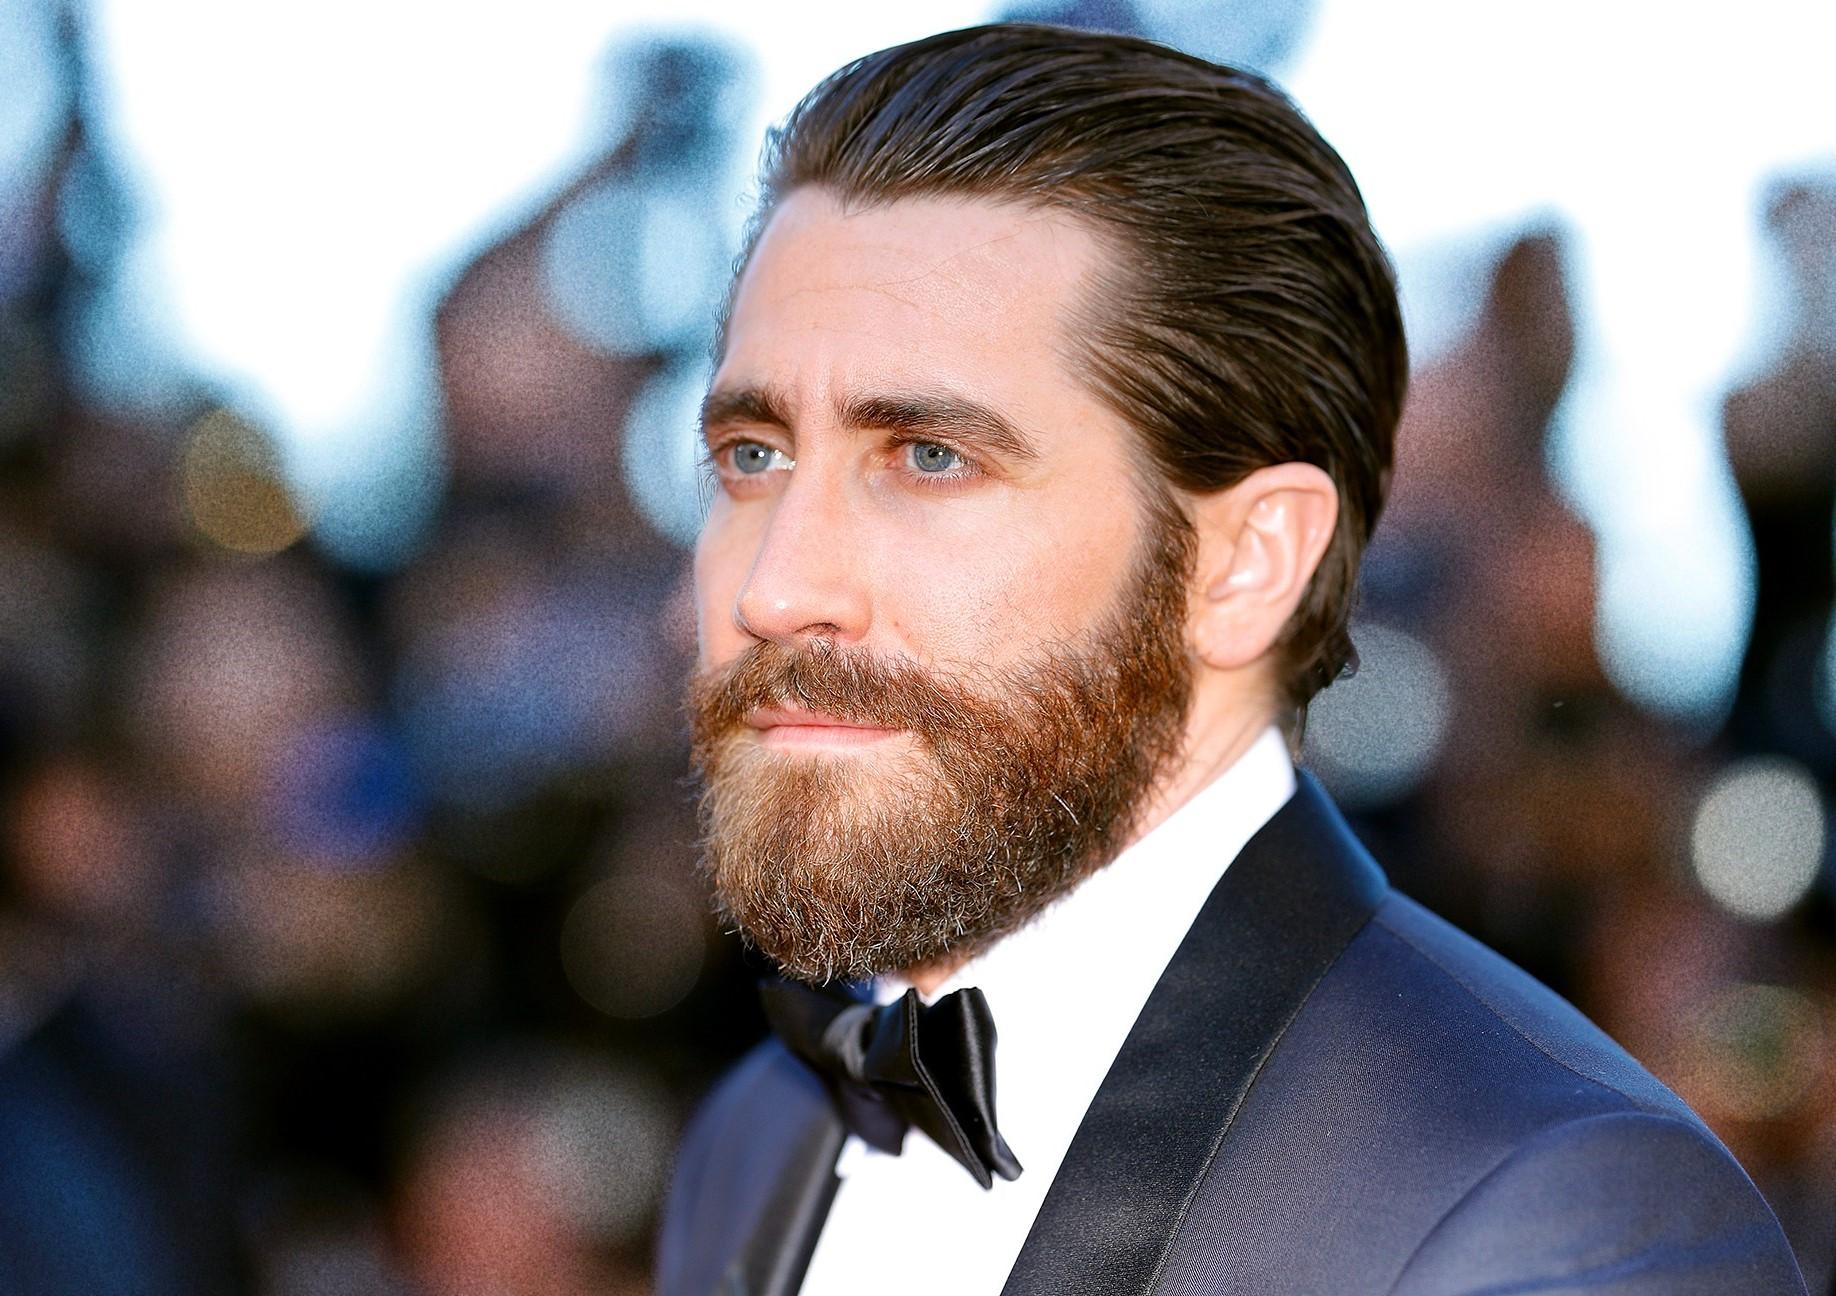 Mais prendre soin de sa barbe, ce n'est pas seulement s'assurer qu'elle est propre et hydratée.